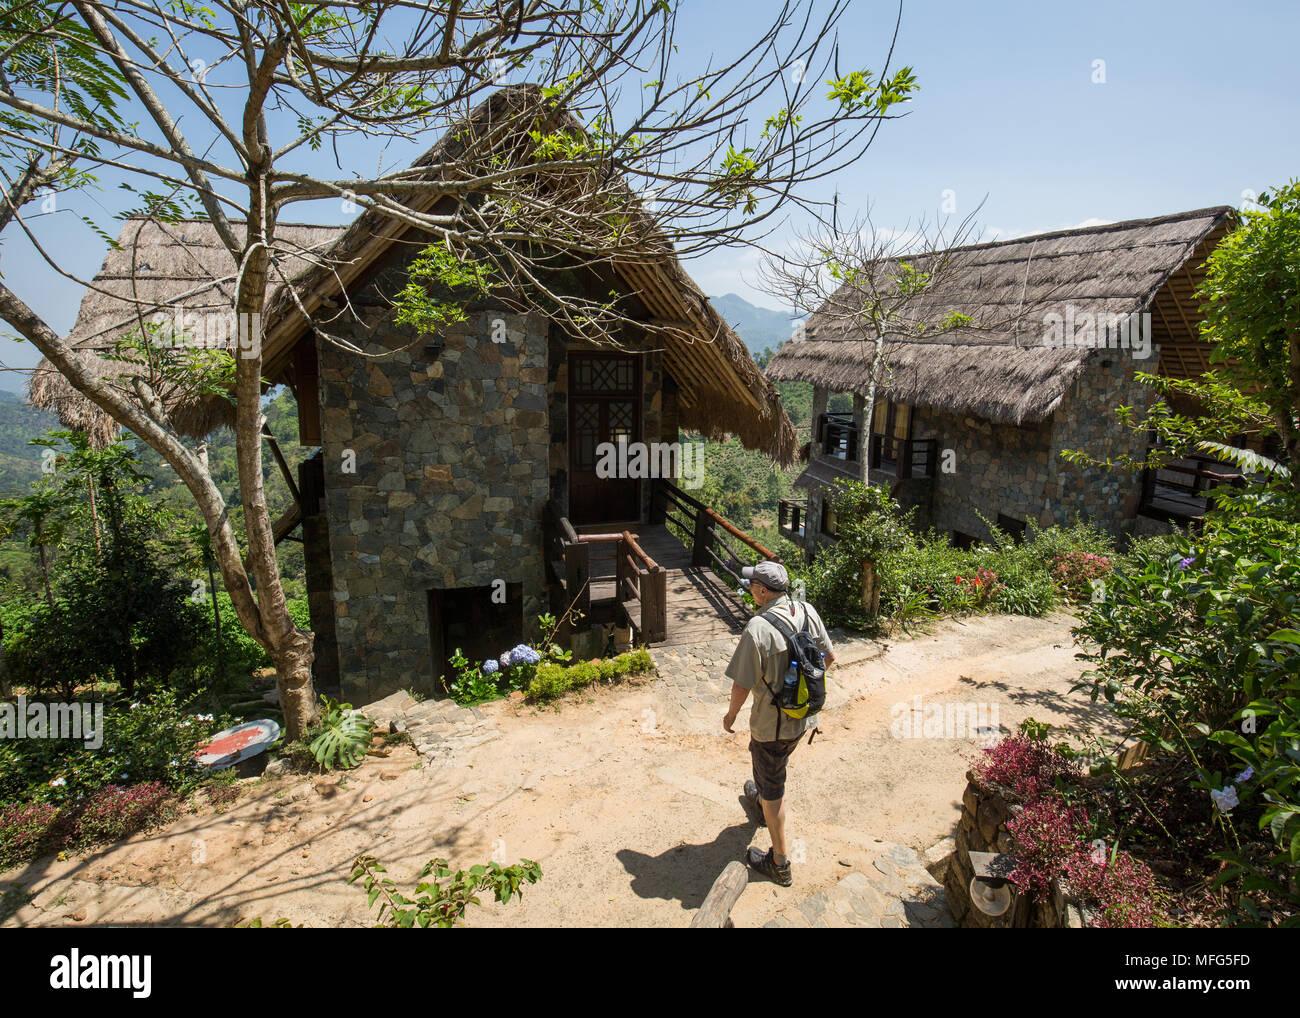 Touristische Fuß in Richtung seiner Hütte in der 98 Hektar großen Resort & Spa, Ella, Badulla District, Provinz Uva, Sri Lanka, Asien. Stockbild